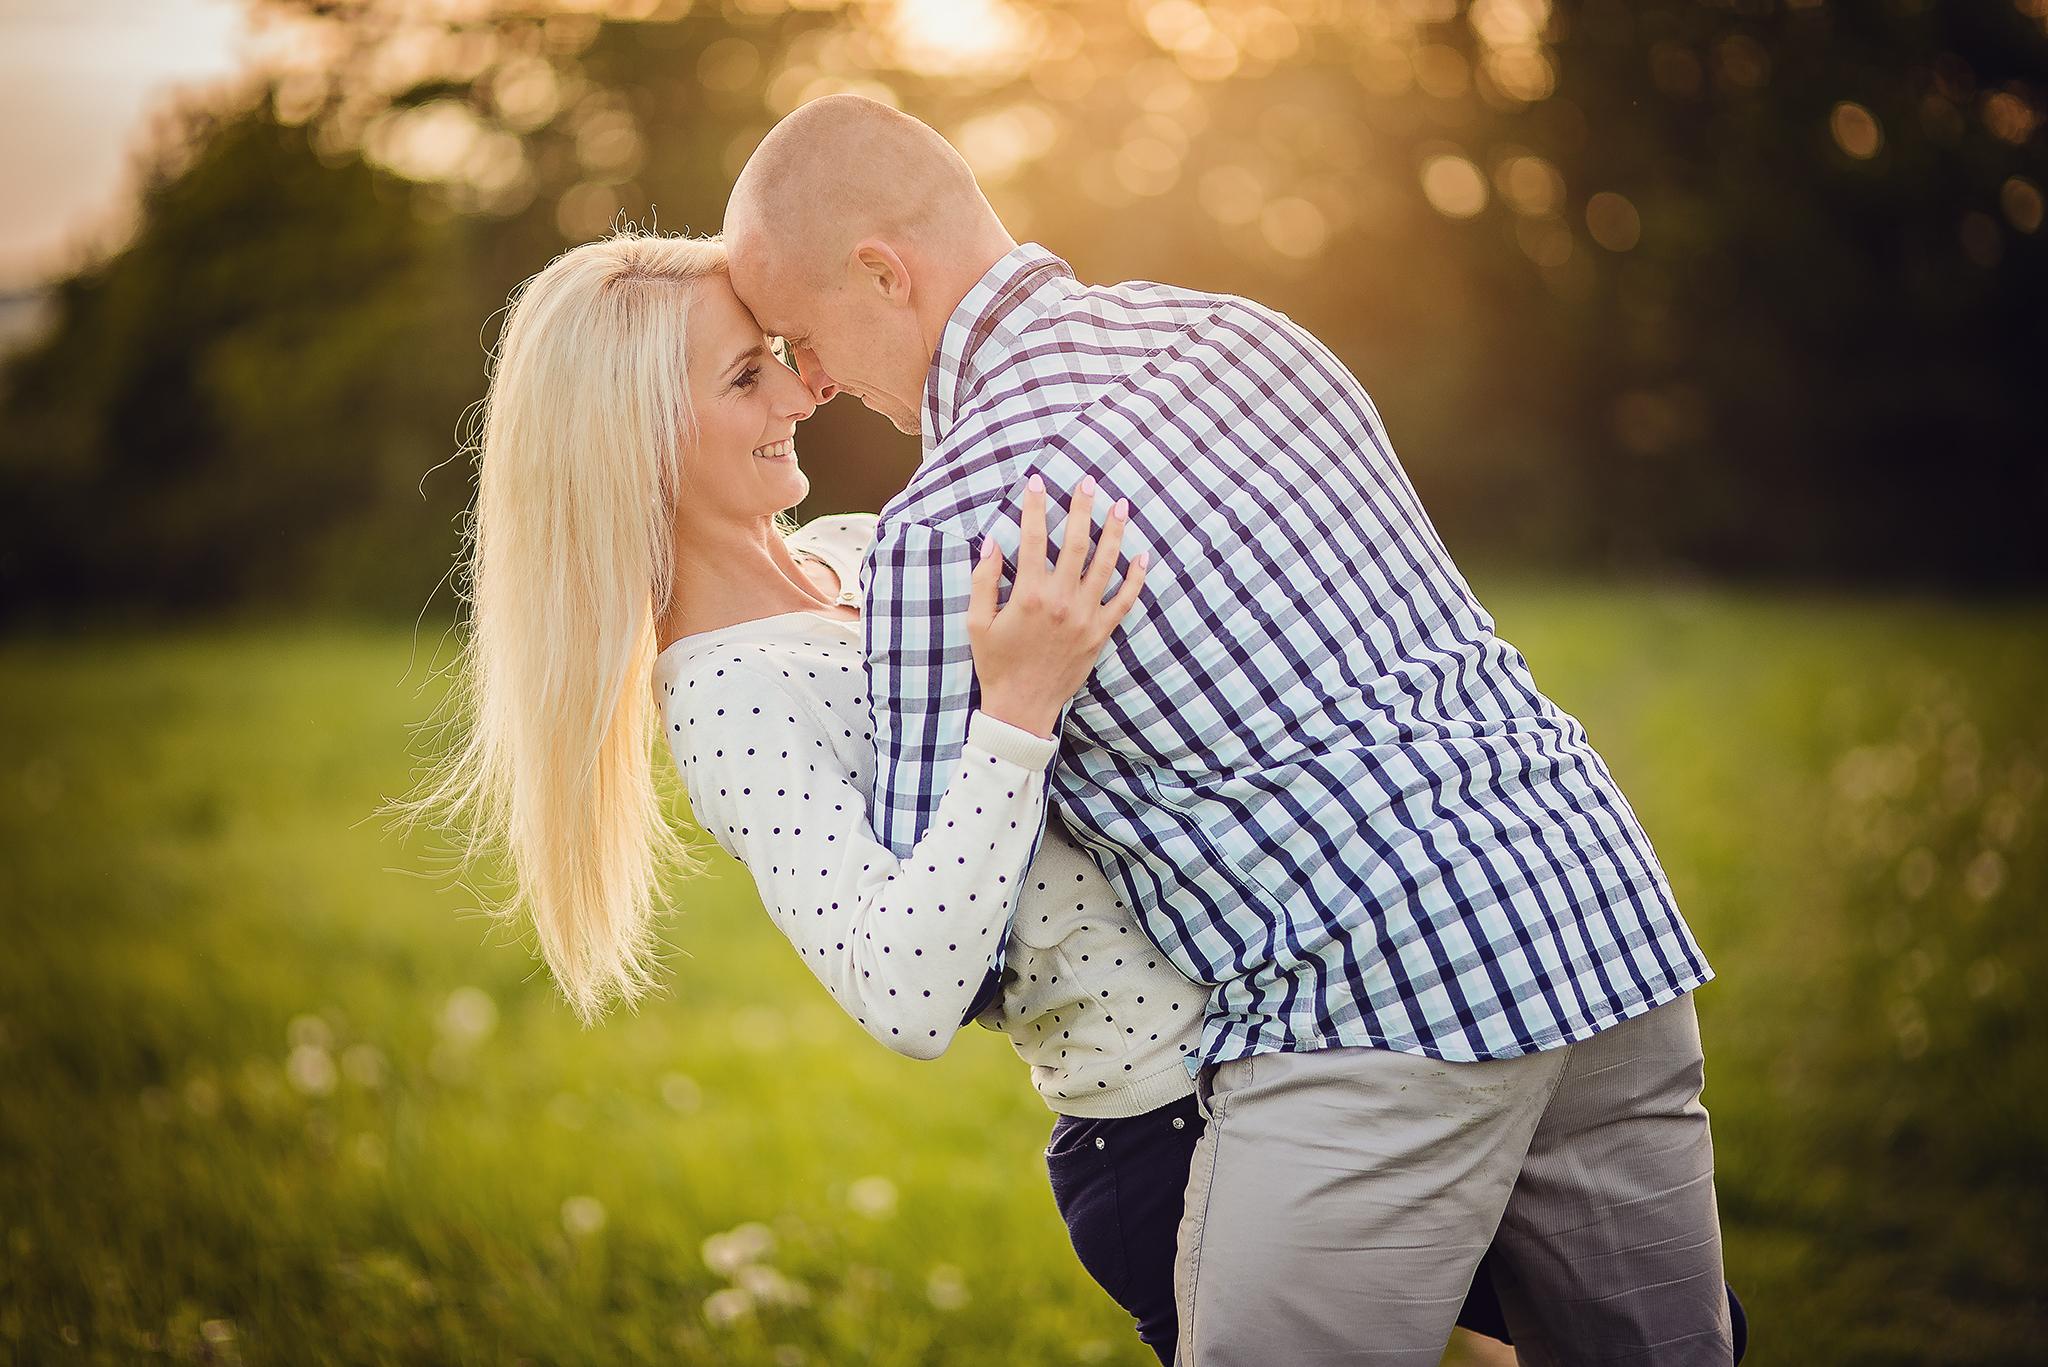 láska, príroda, love, lúka, západ slnka, sunset, romantika, úsmev, smile, radosť, zamilovaný pár